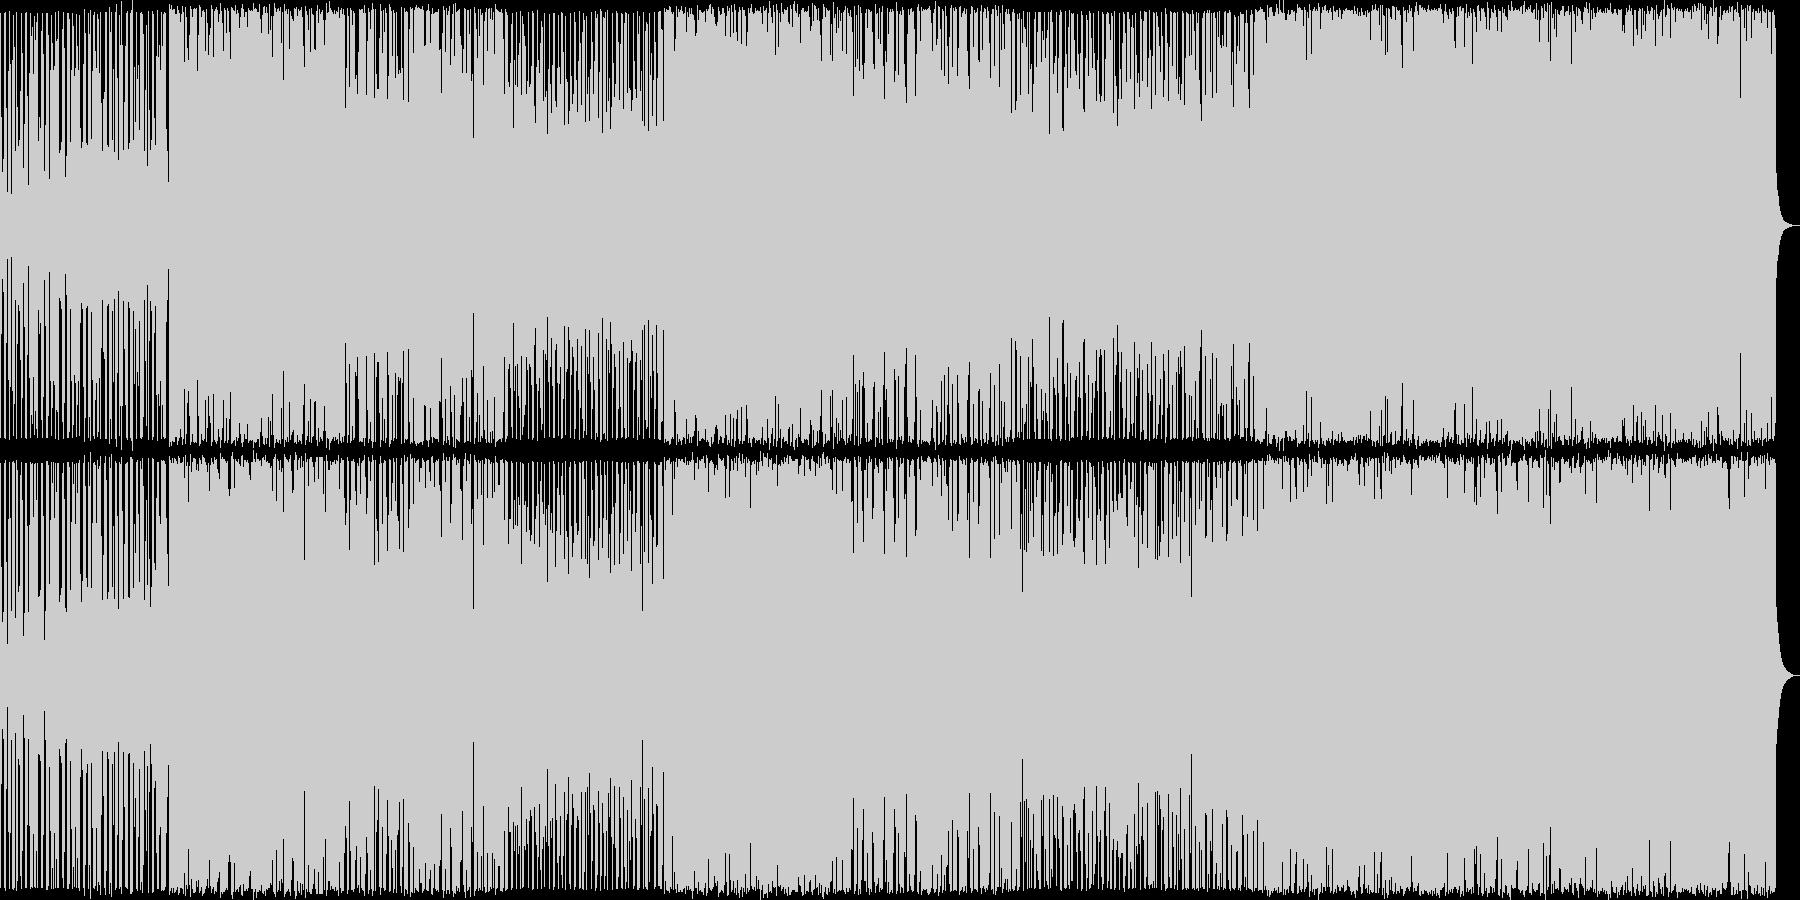 【メロディ抜き】三味線主体のかっこいい…の未再生の波形